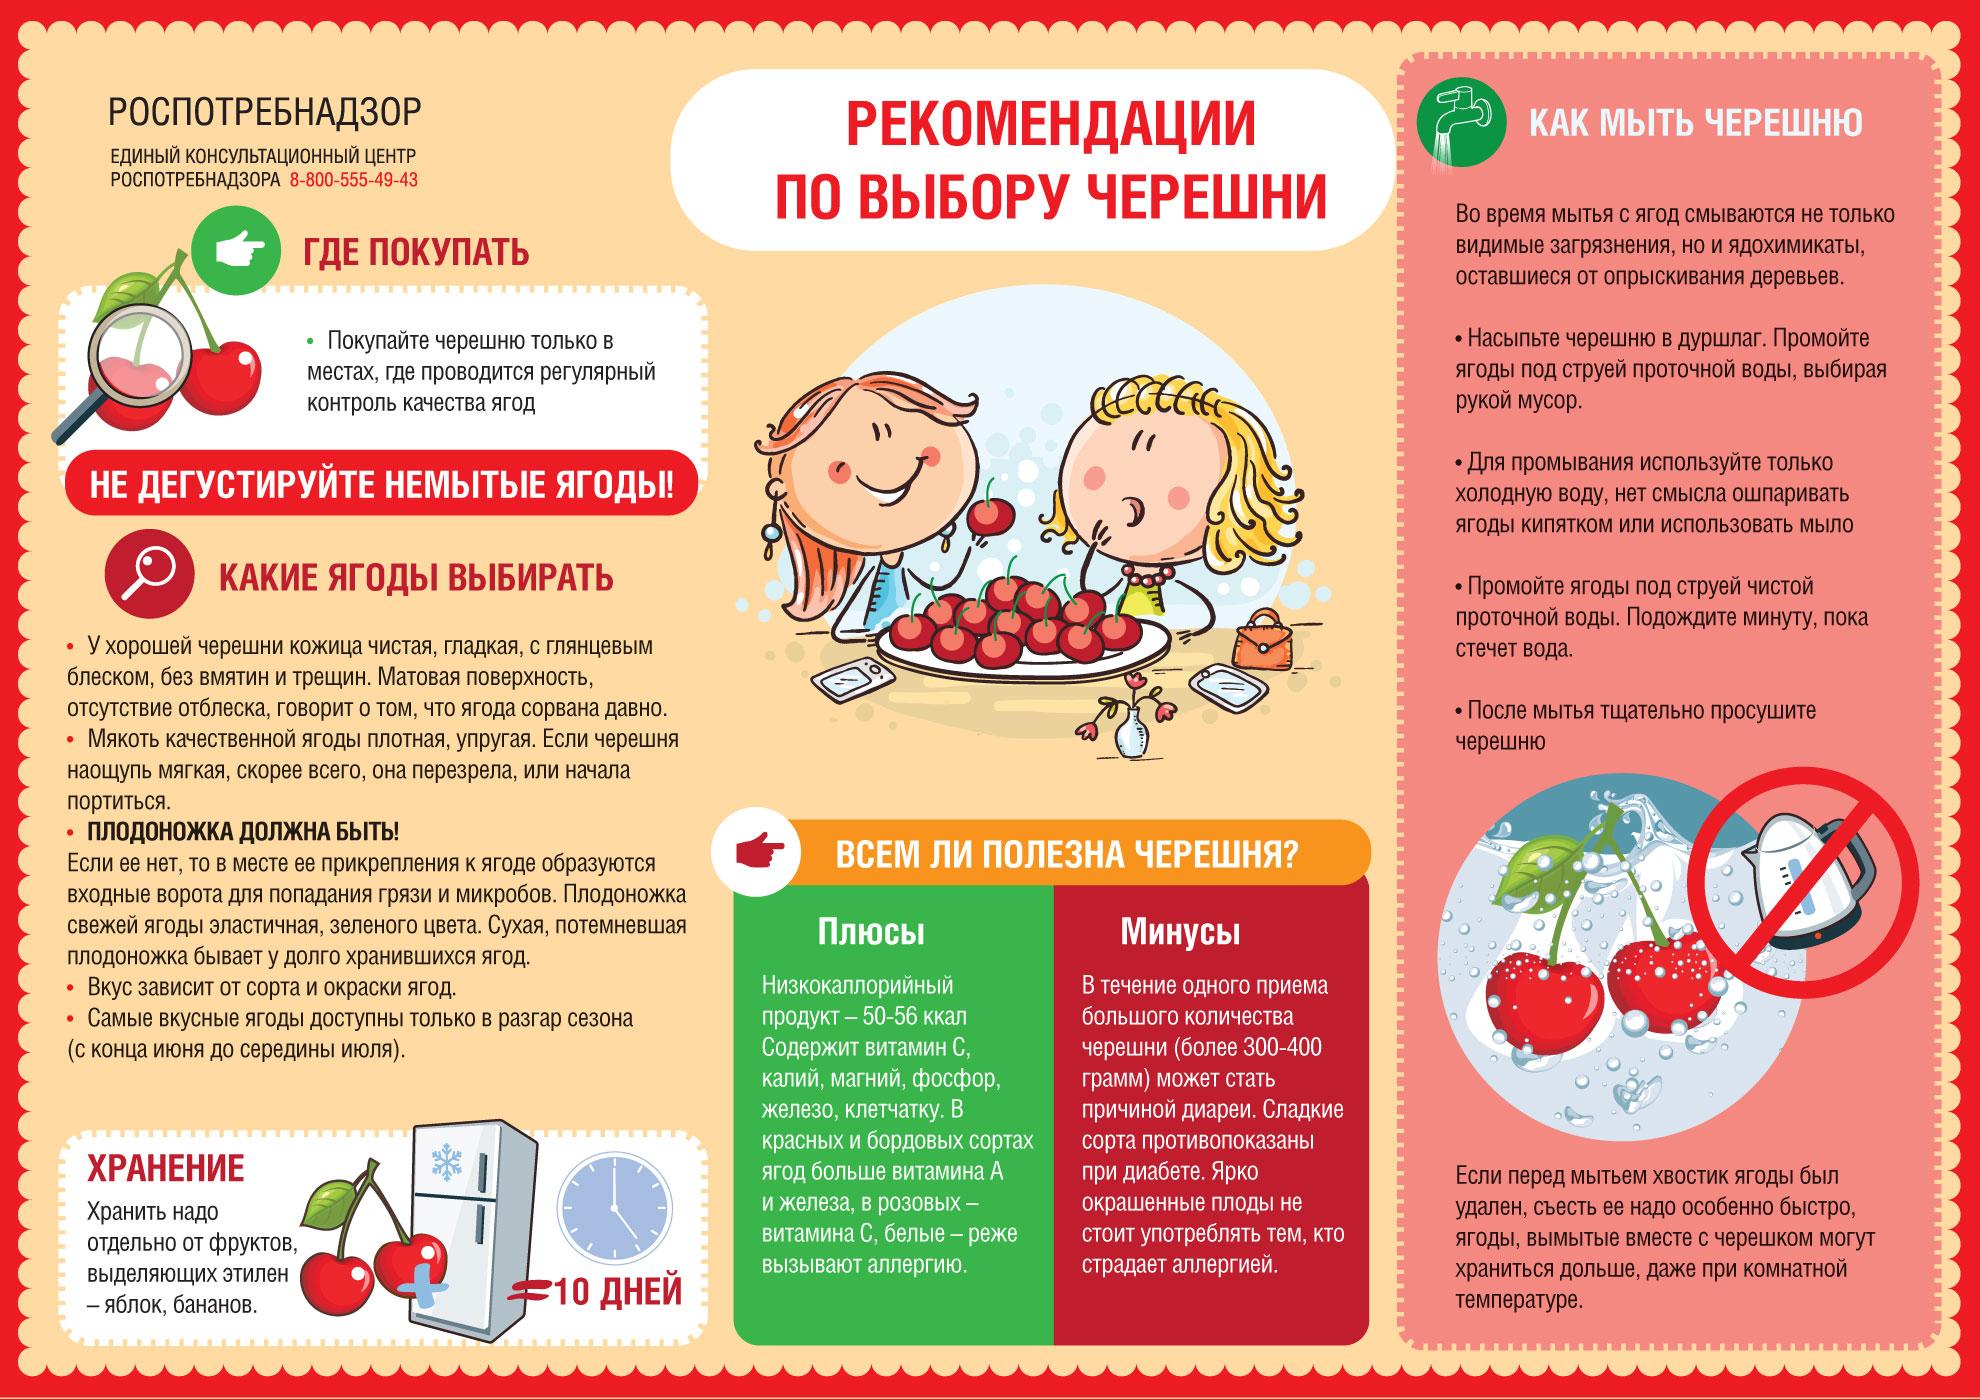 Инструкция: пресс-служба Роспотребнадзора